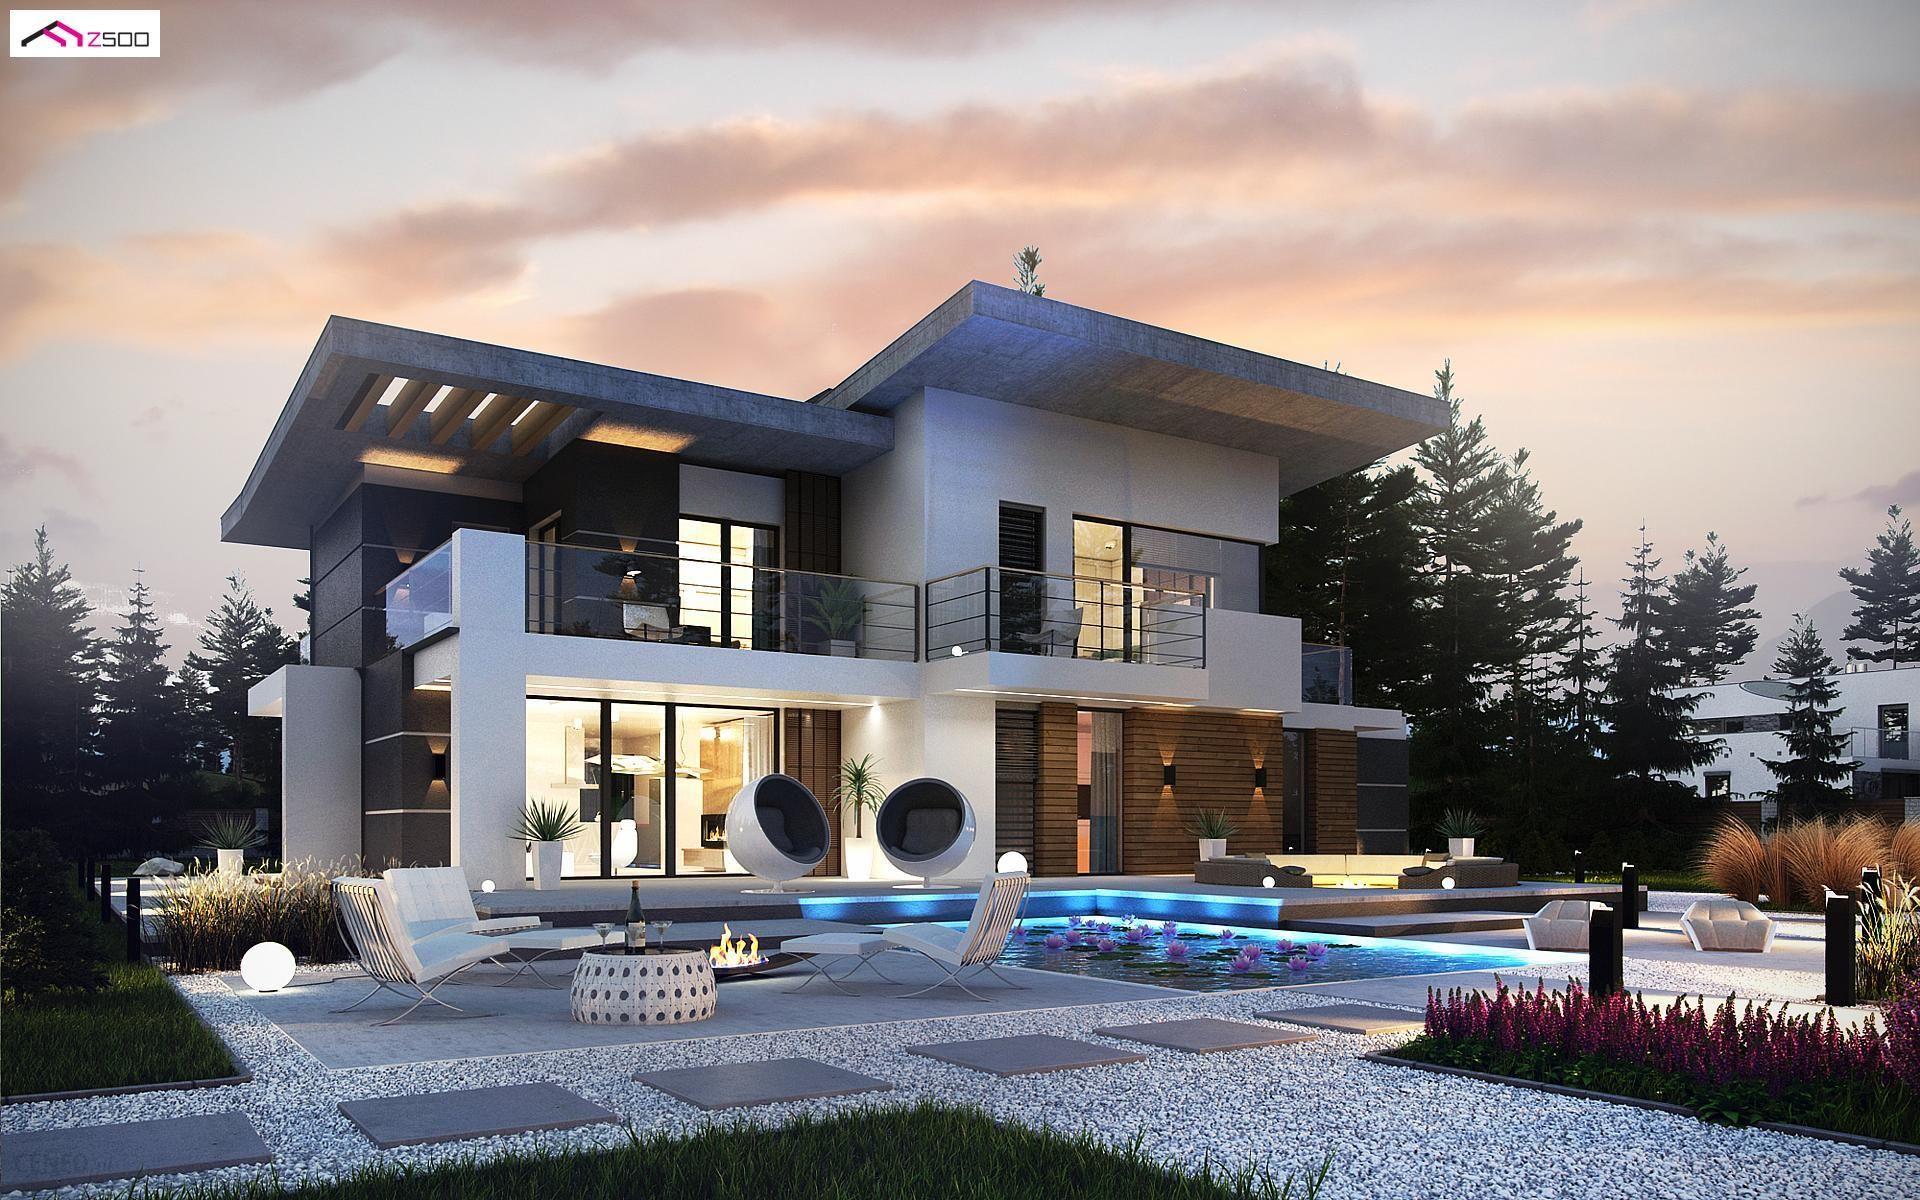 Projekt Domu Zx22 Nowoczesny Piętrowy Dom Z Garażem Oraz Tarasem Sypialnia Na Parterze Z łazienką Opinie I Ceny Na Ceneopl